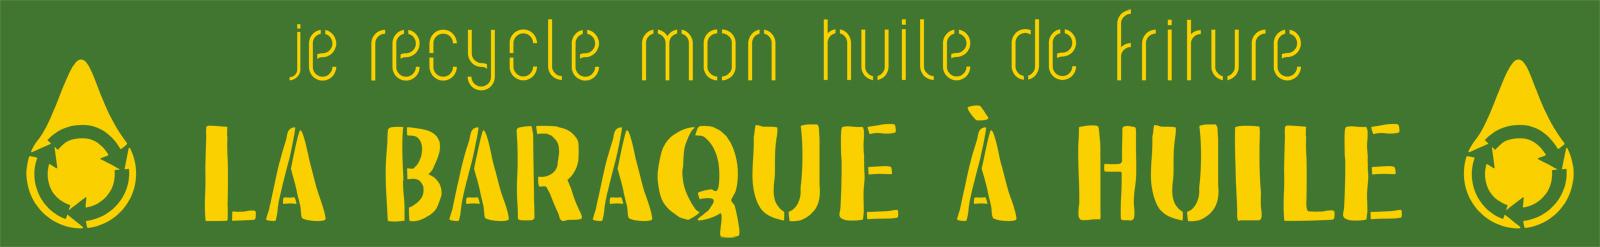 Logo de La Baraque à Huile, collecte des huiles alimentaires usagées